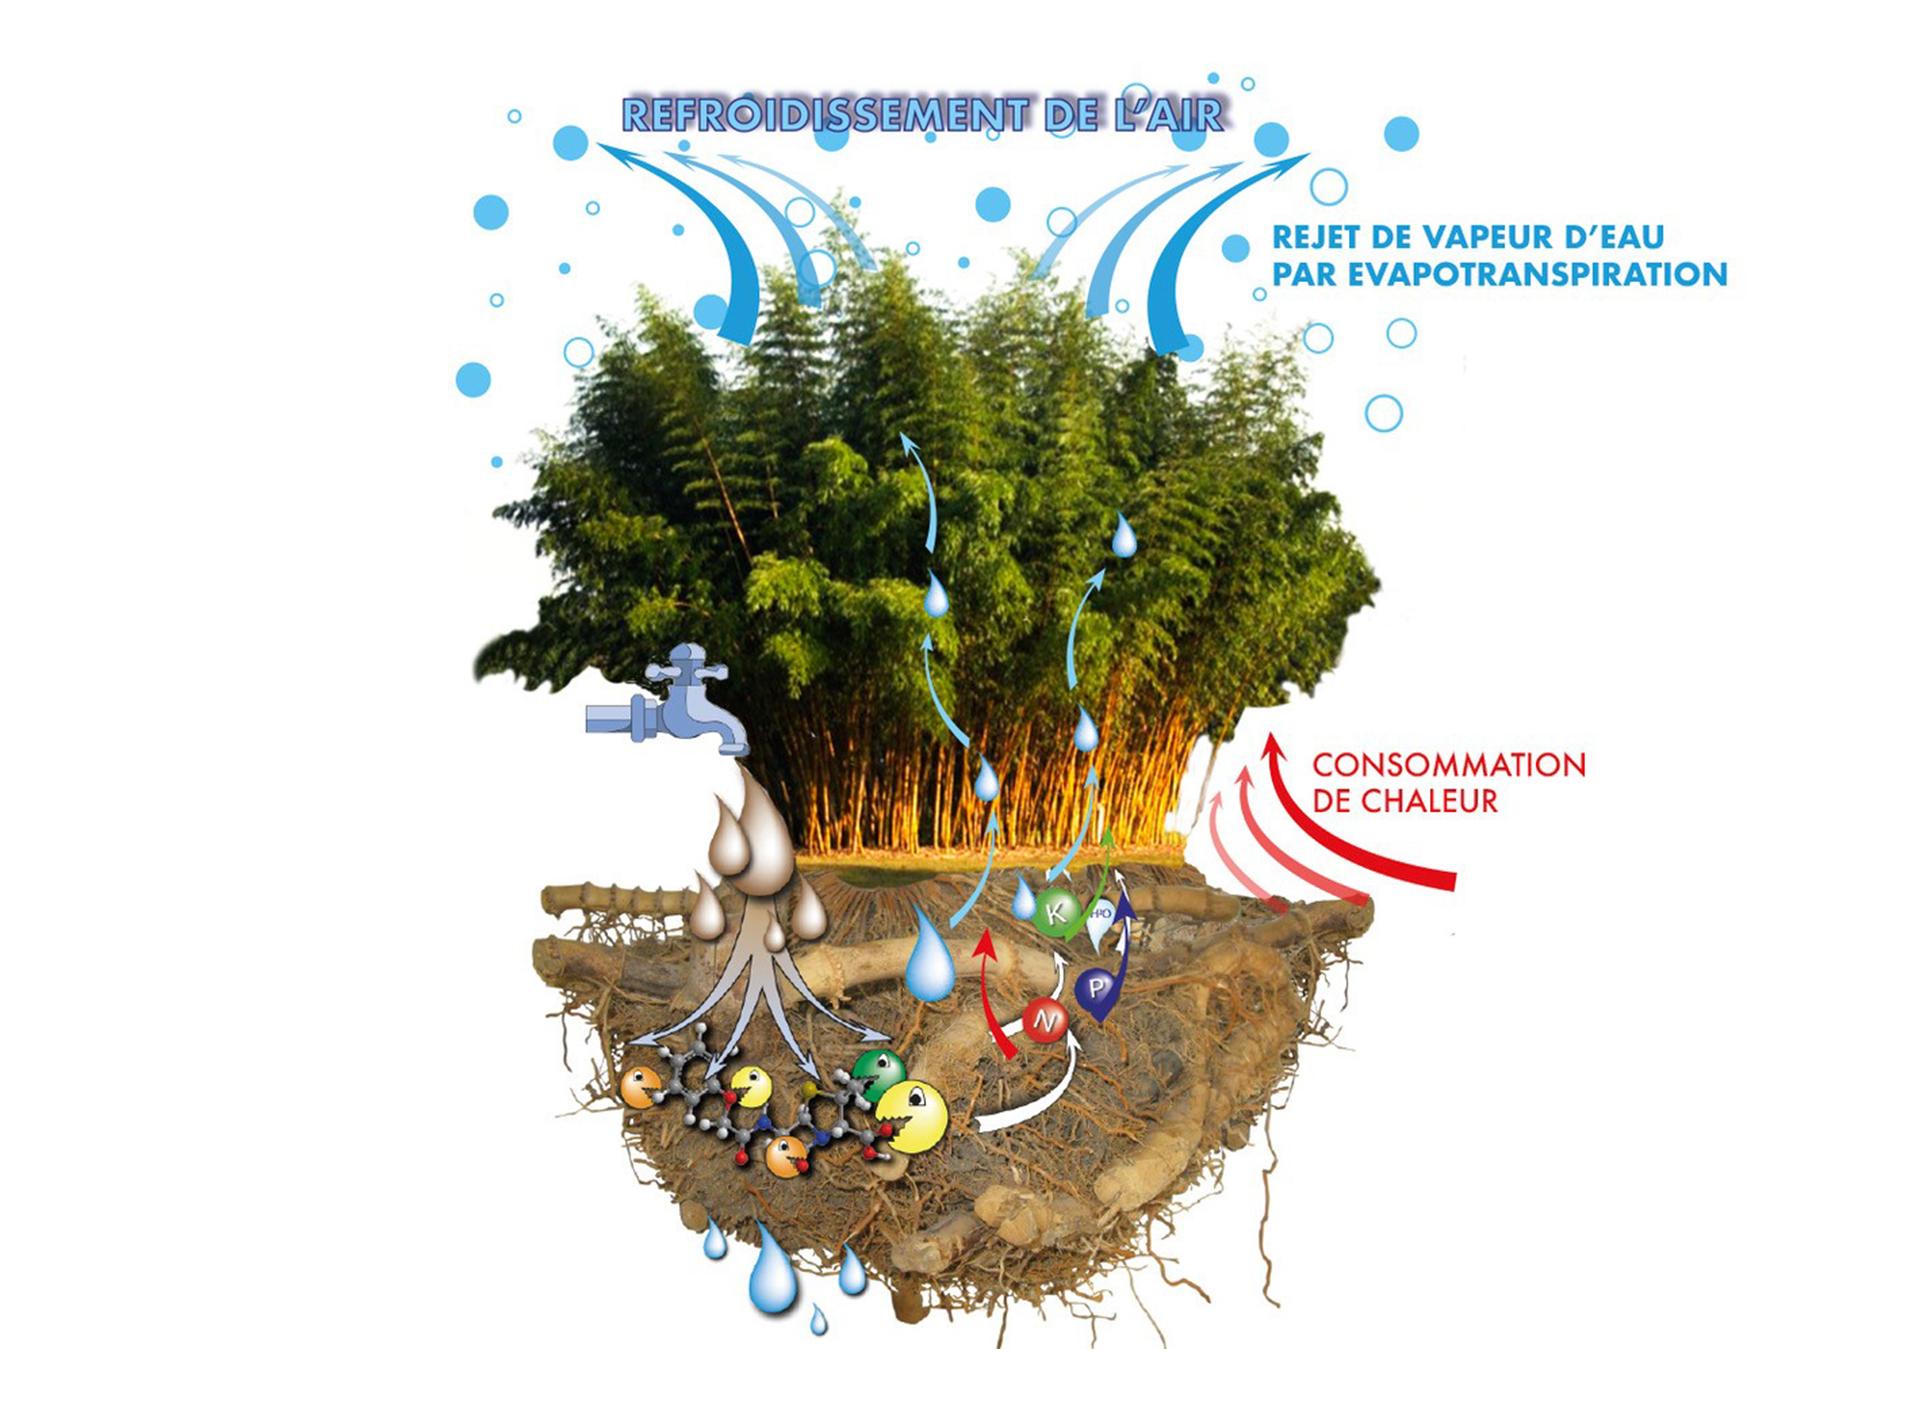 ilots-de-fraicheur-rafraichissement-bioclimatique-bambou-bamboo-for-life-Effet-adiabatique